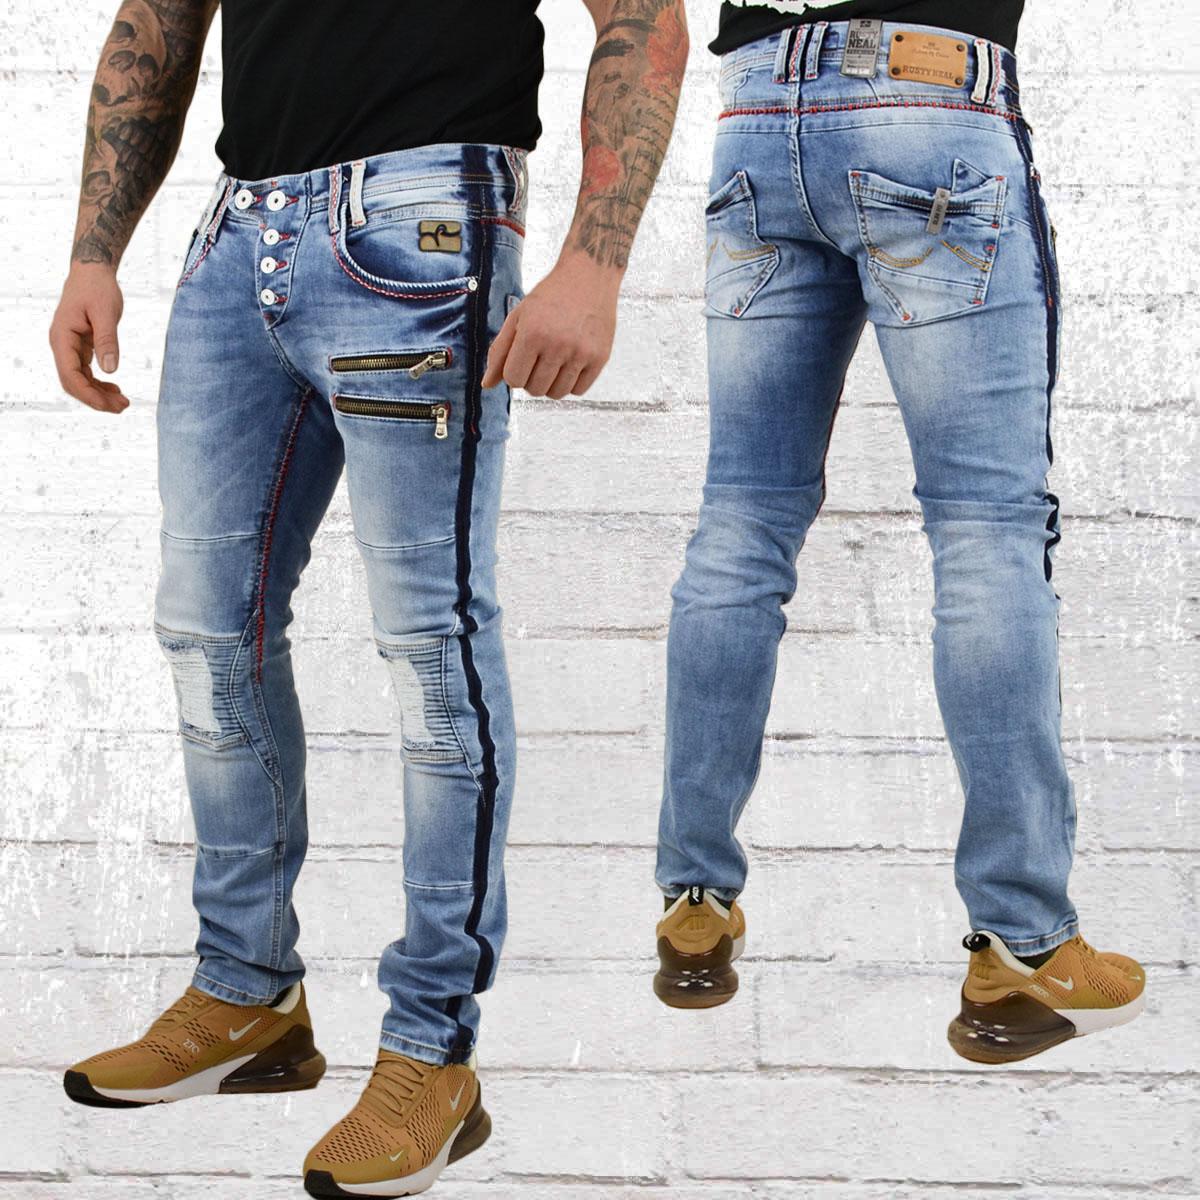 offizieller Shop schön billig Genieße den kostenlosen Versand Order now | Rusty Neal Mens Jeans Nelson One blue